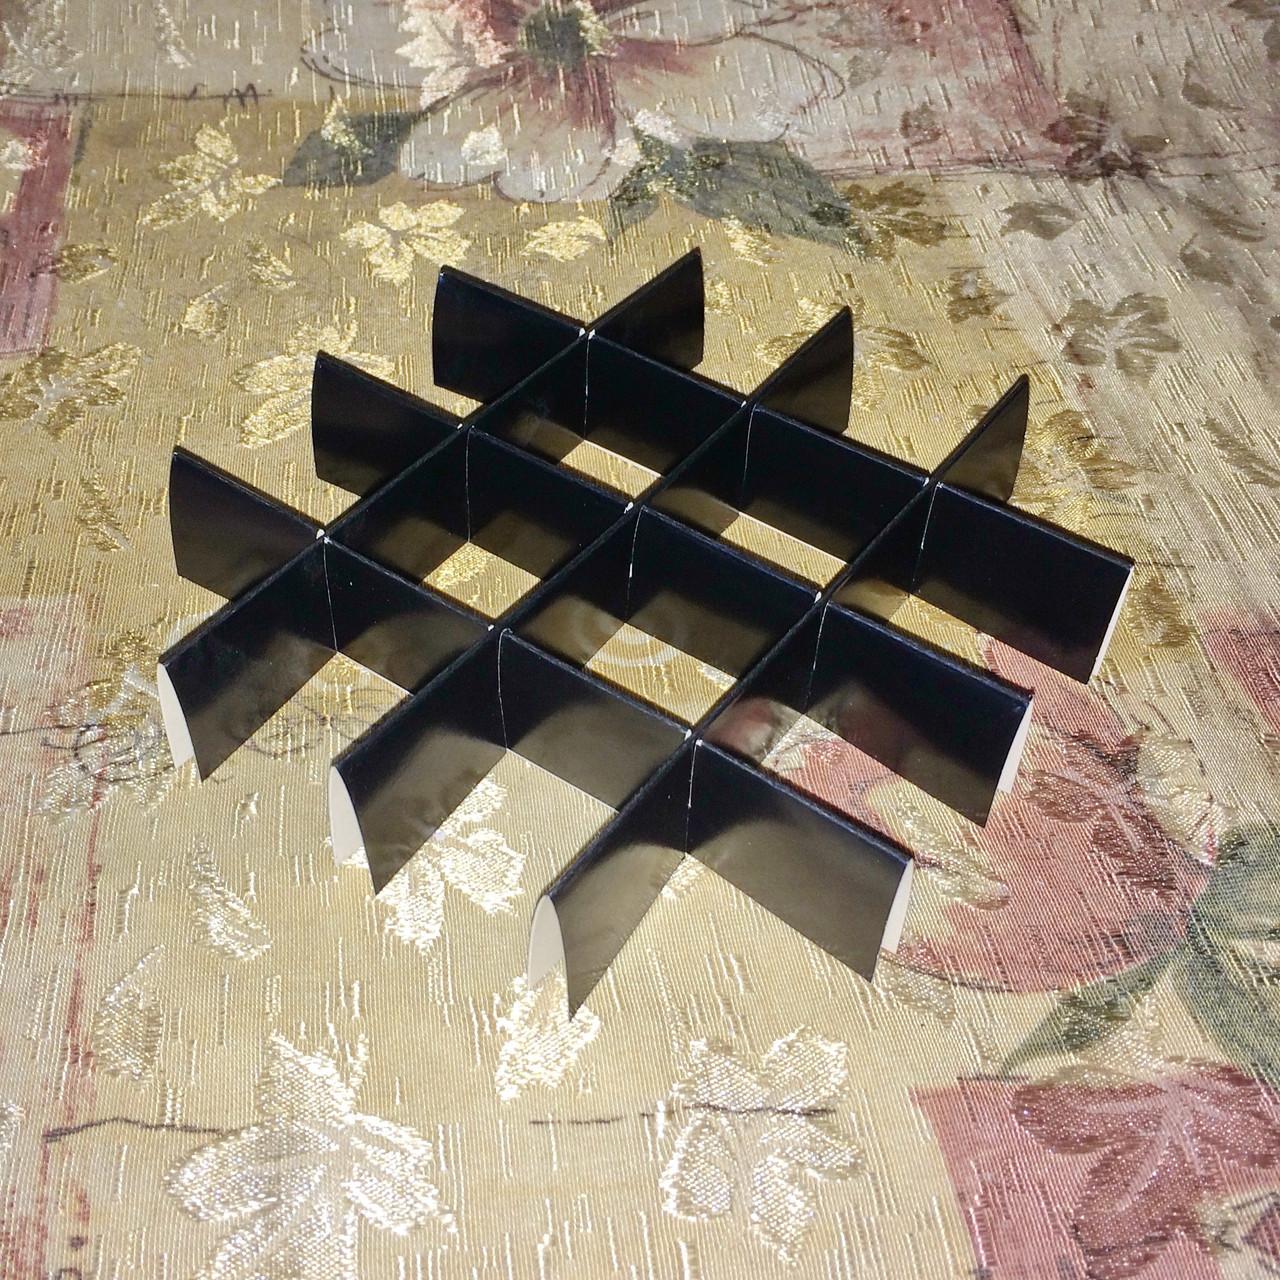 Перегородка для конфет / 150х150х30 мм / 16 ячеек / Маленьк / печать-Черн